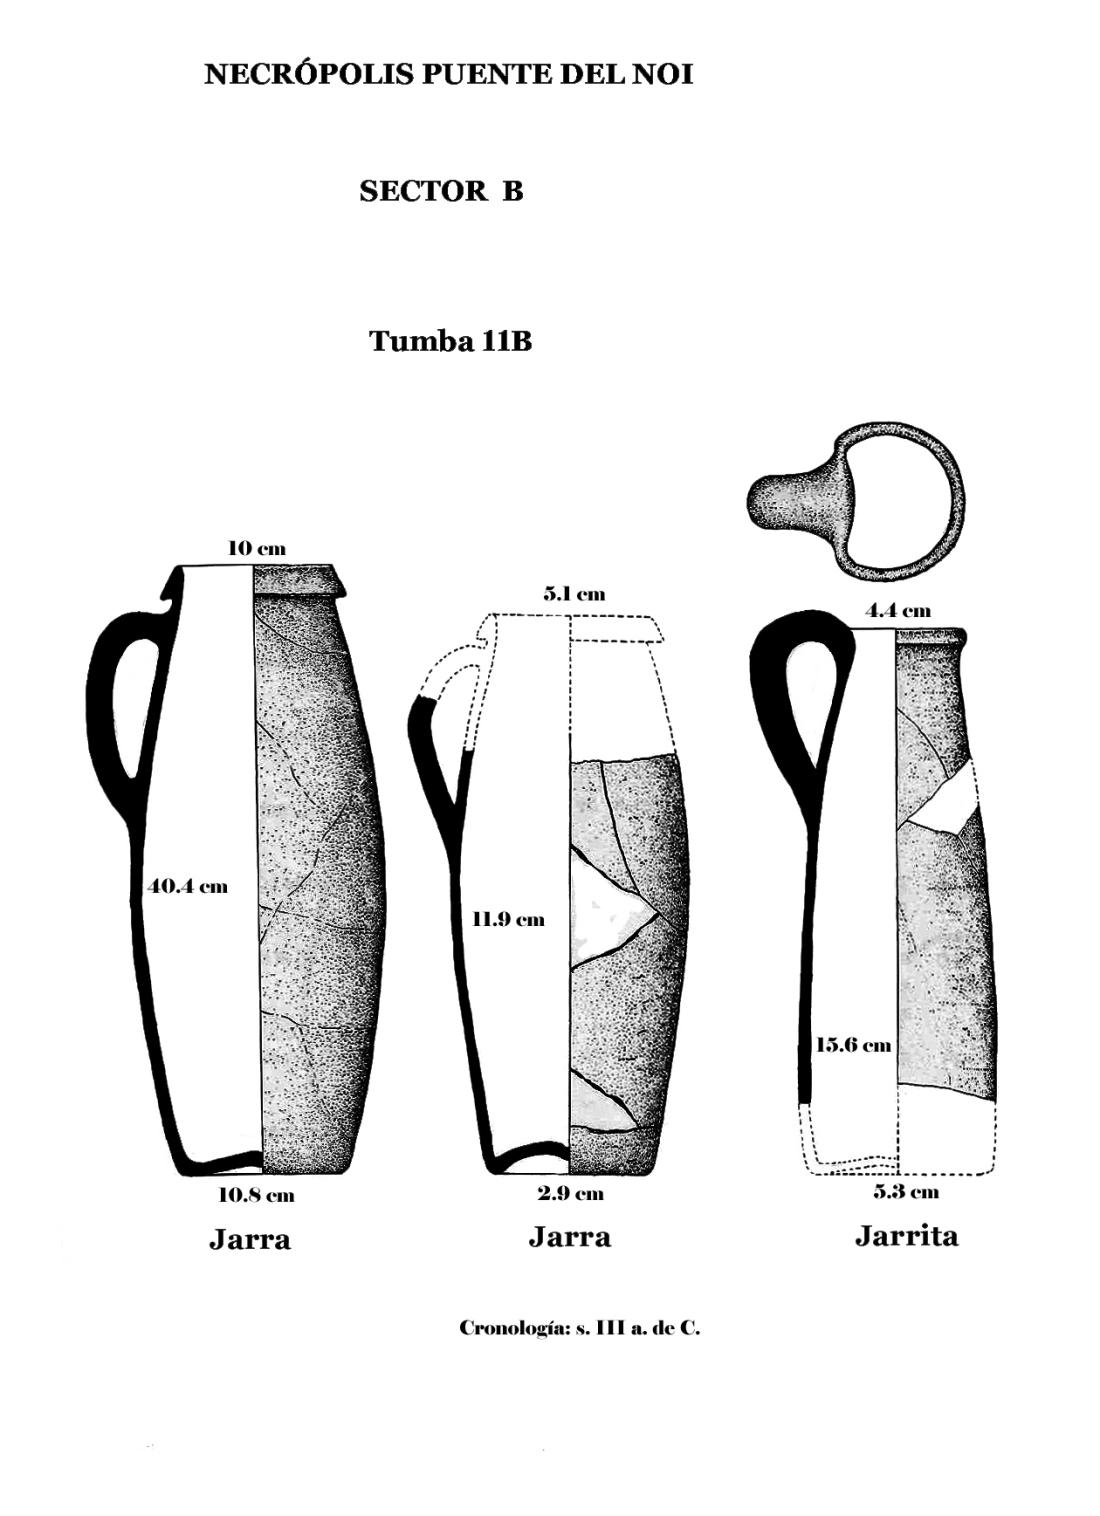 11BaPuente del Noi Tumba 14B es T11B copia